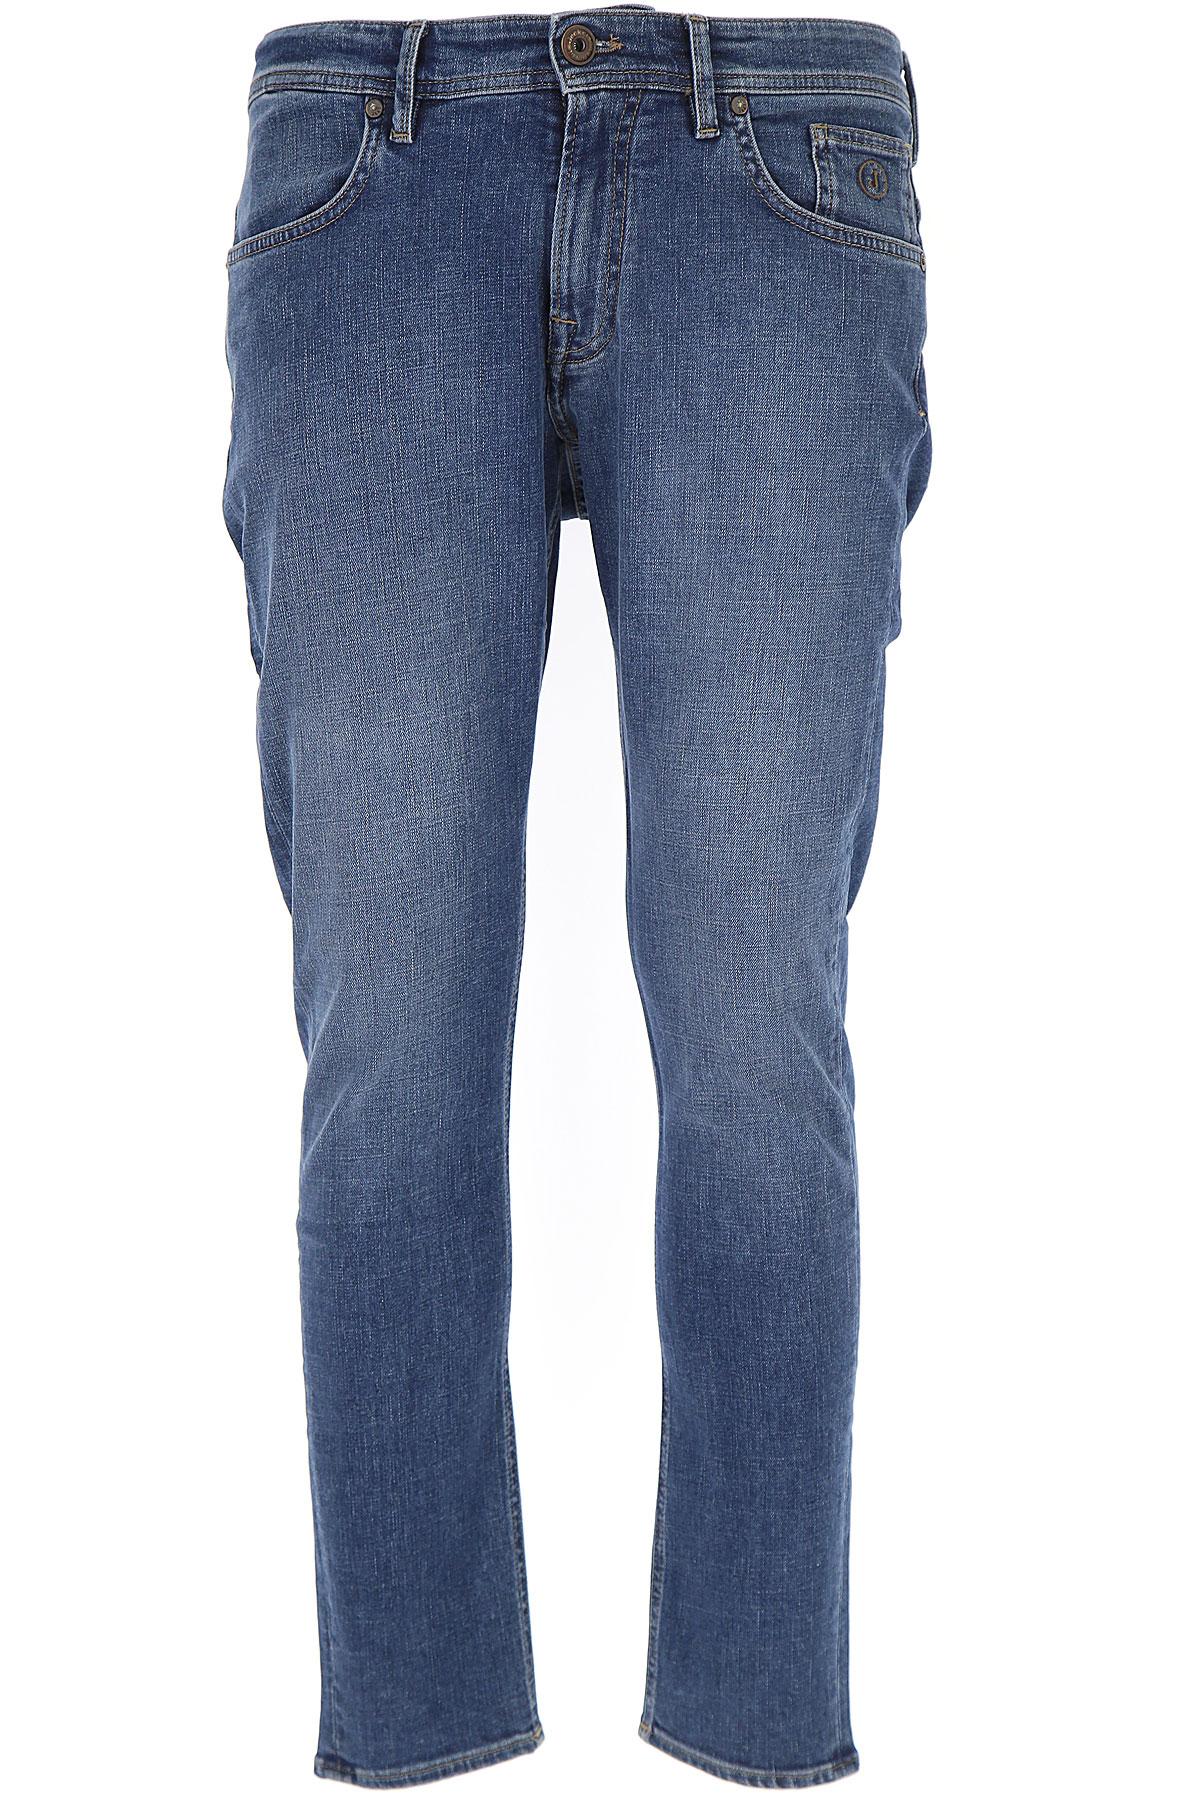 Image of Jeckerson Jeans, Blue Denim, Cotton, 2017, 31 33 35